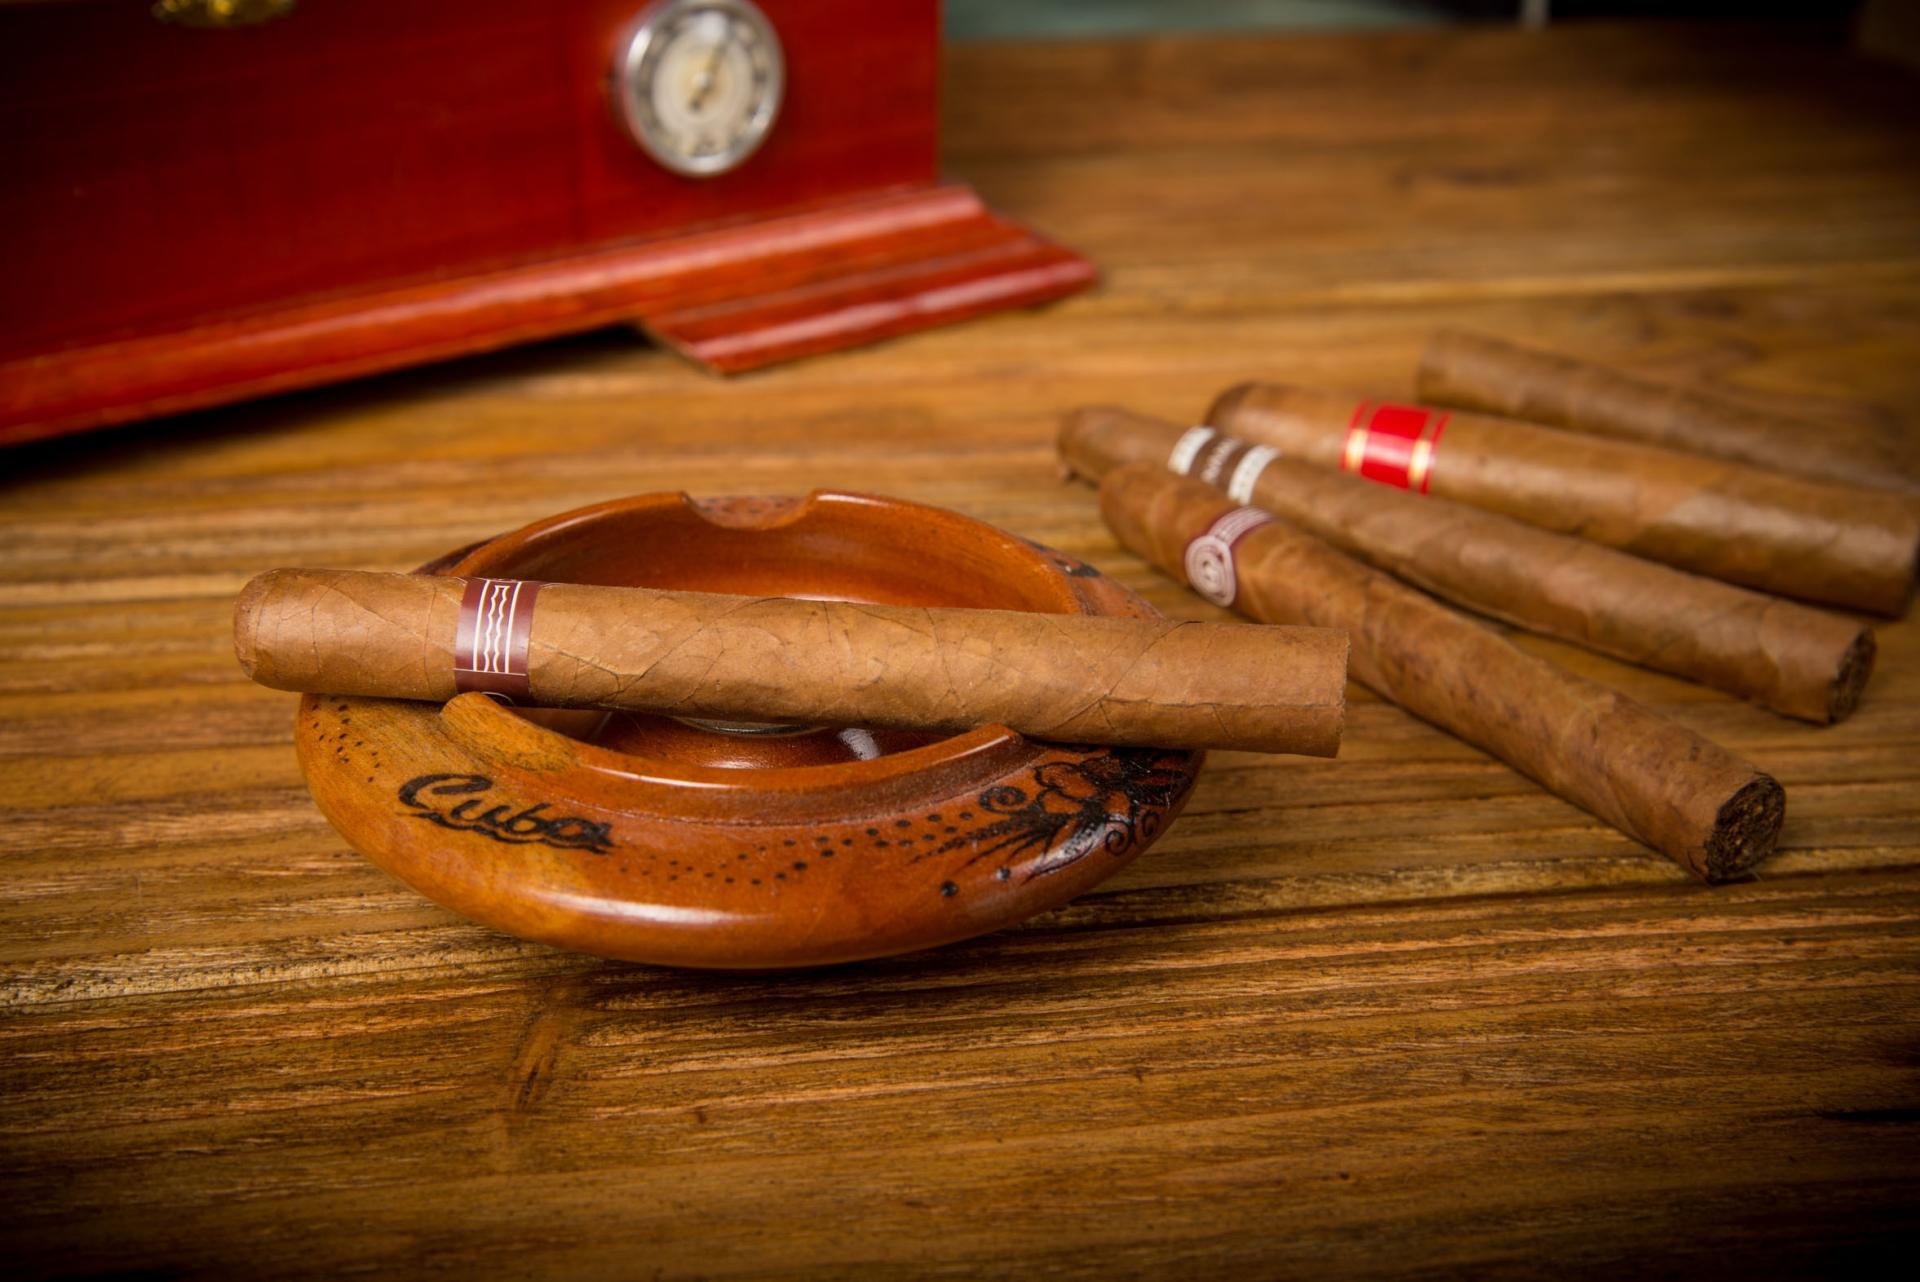 Zigarren in allen Größen, Preisklassen und Marken. © merc67 - Fotolia.com